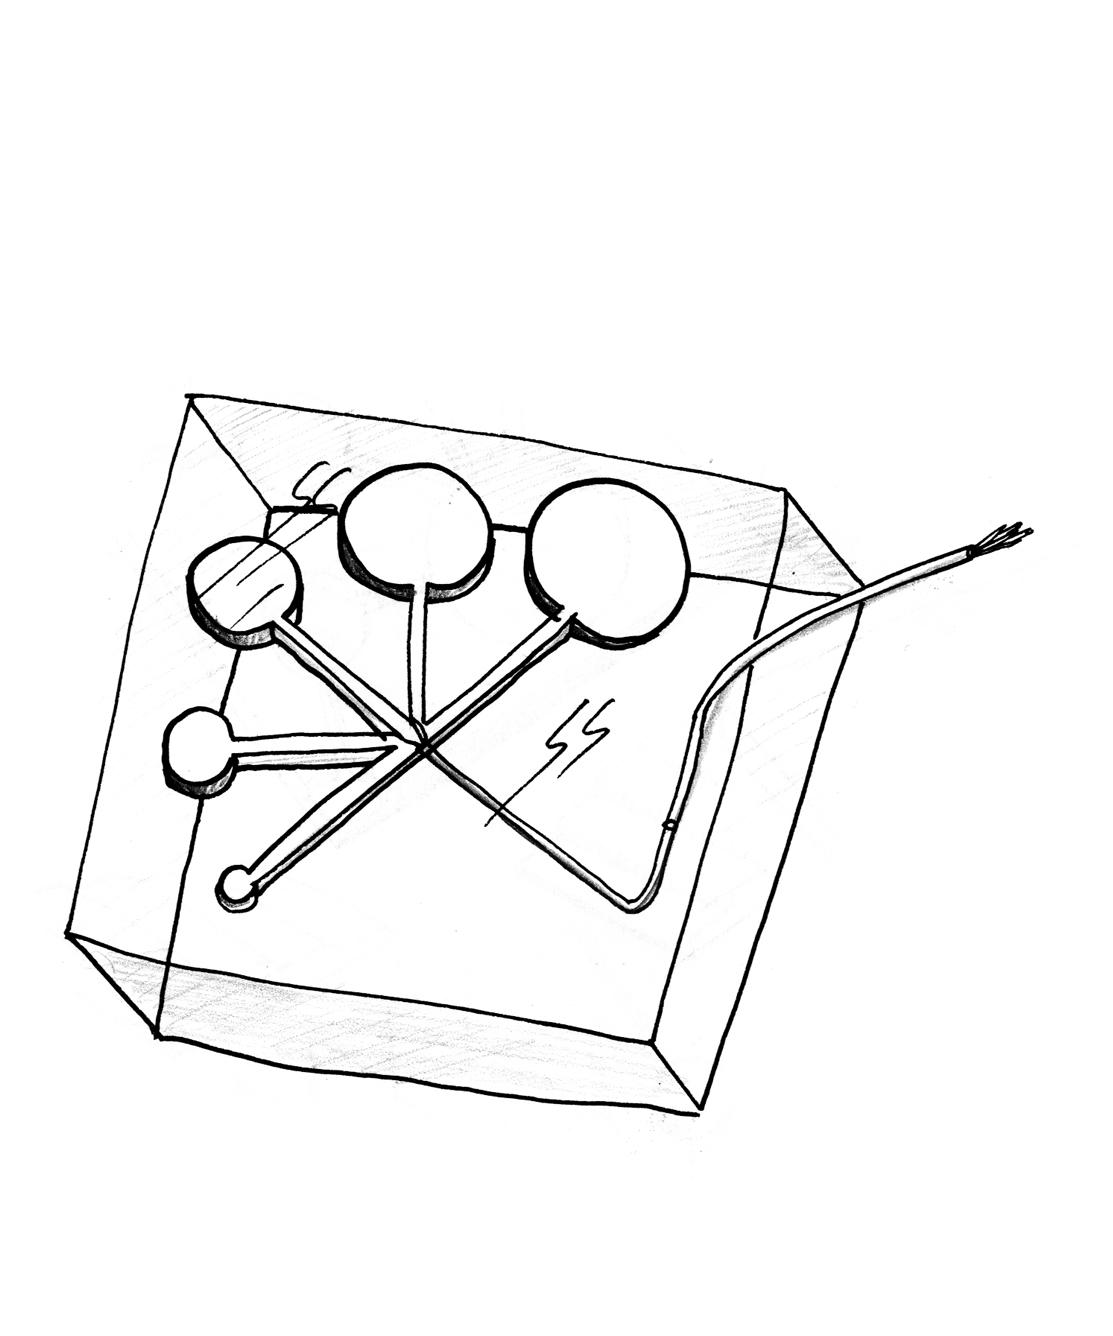 8_essai 5 : capteur en résine